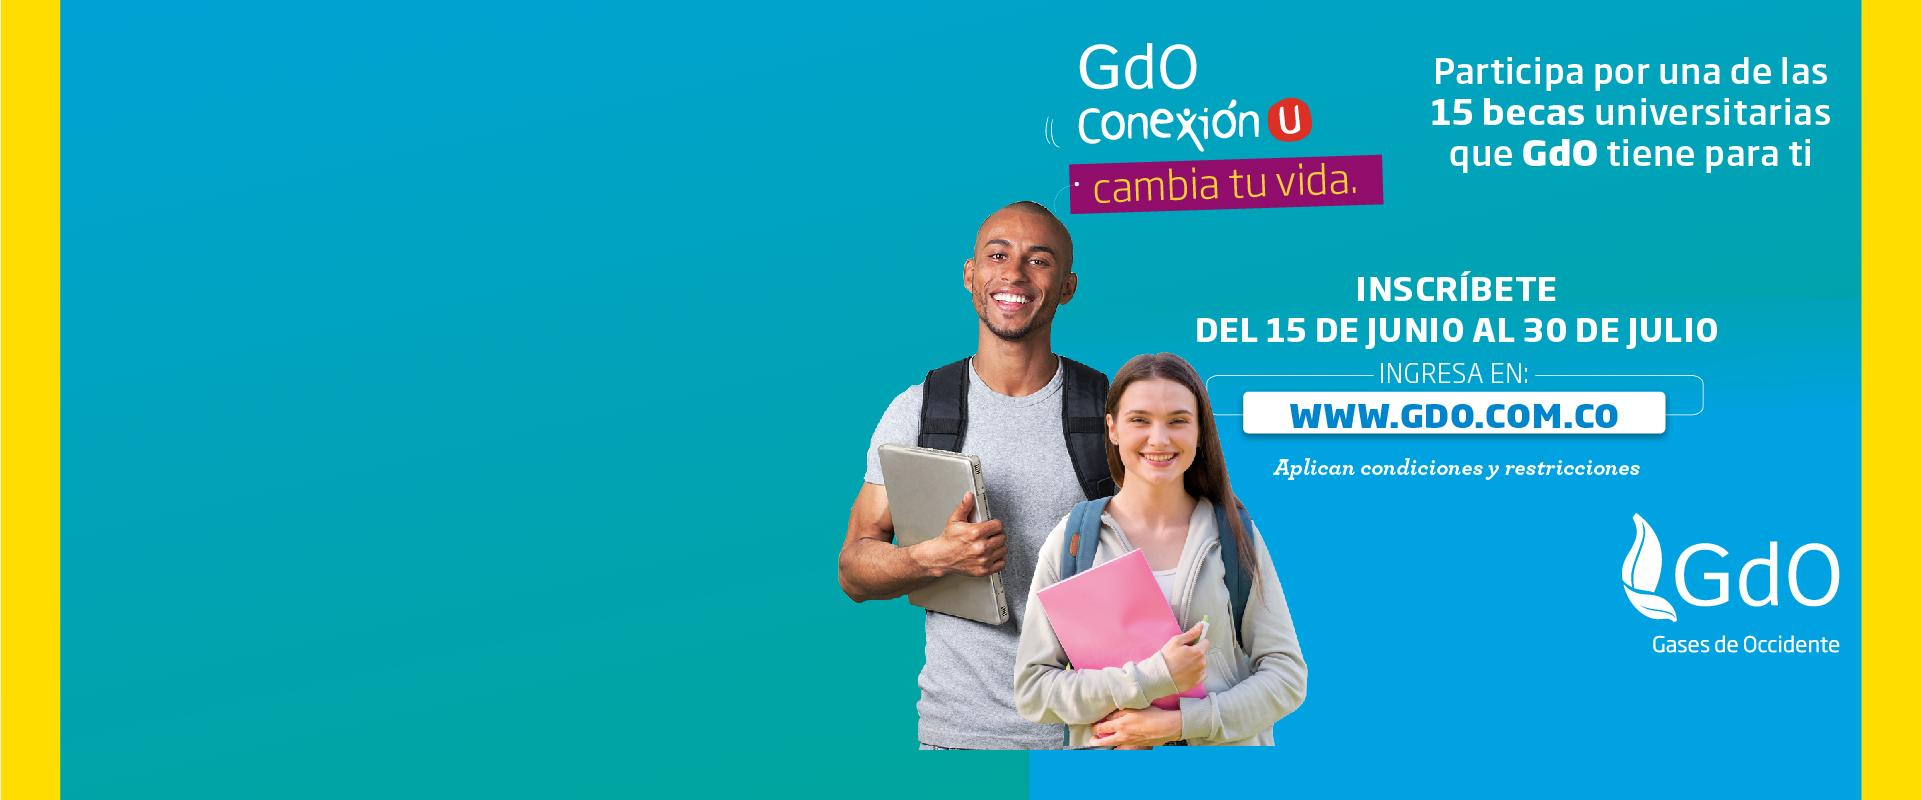 Conexión U lanza nueva convocatoria para otorgar becas en Icesi